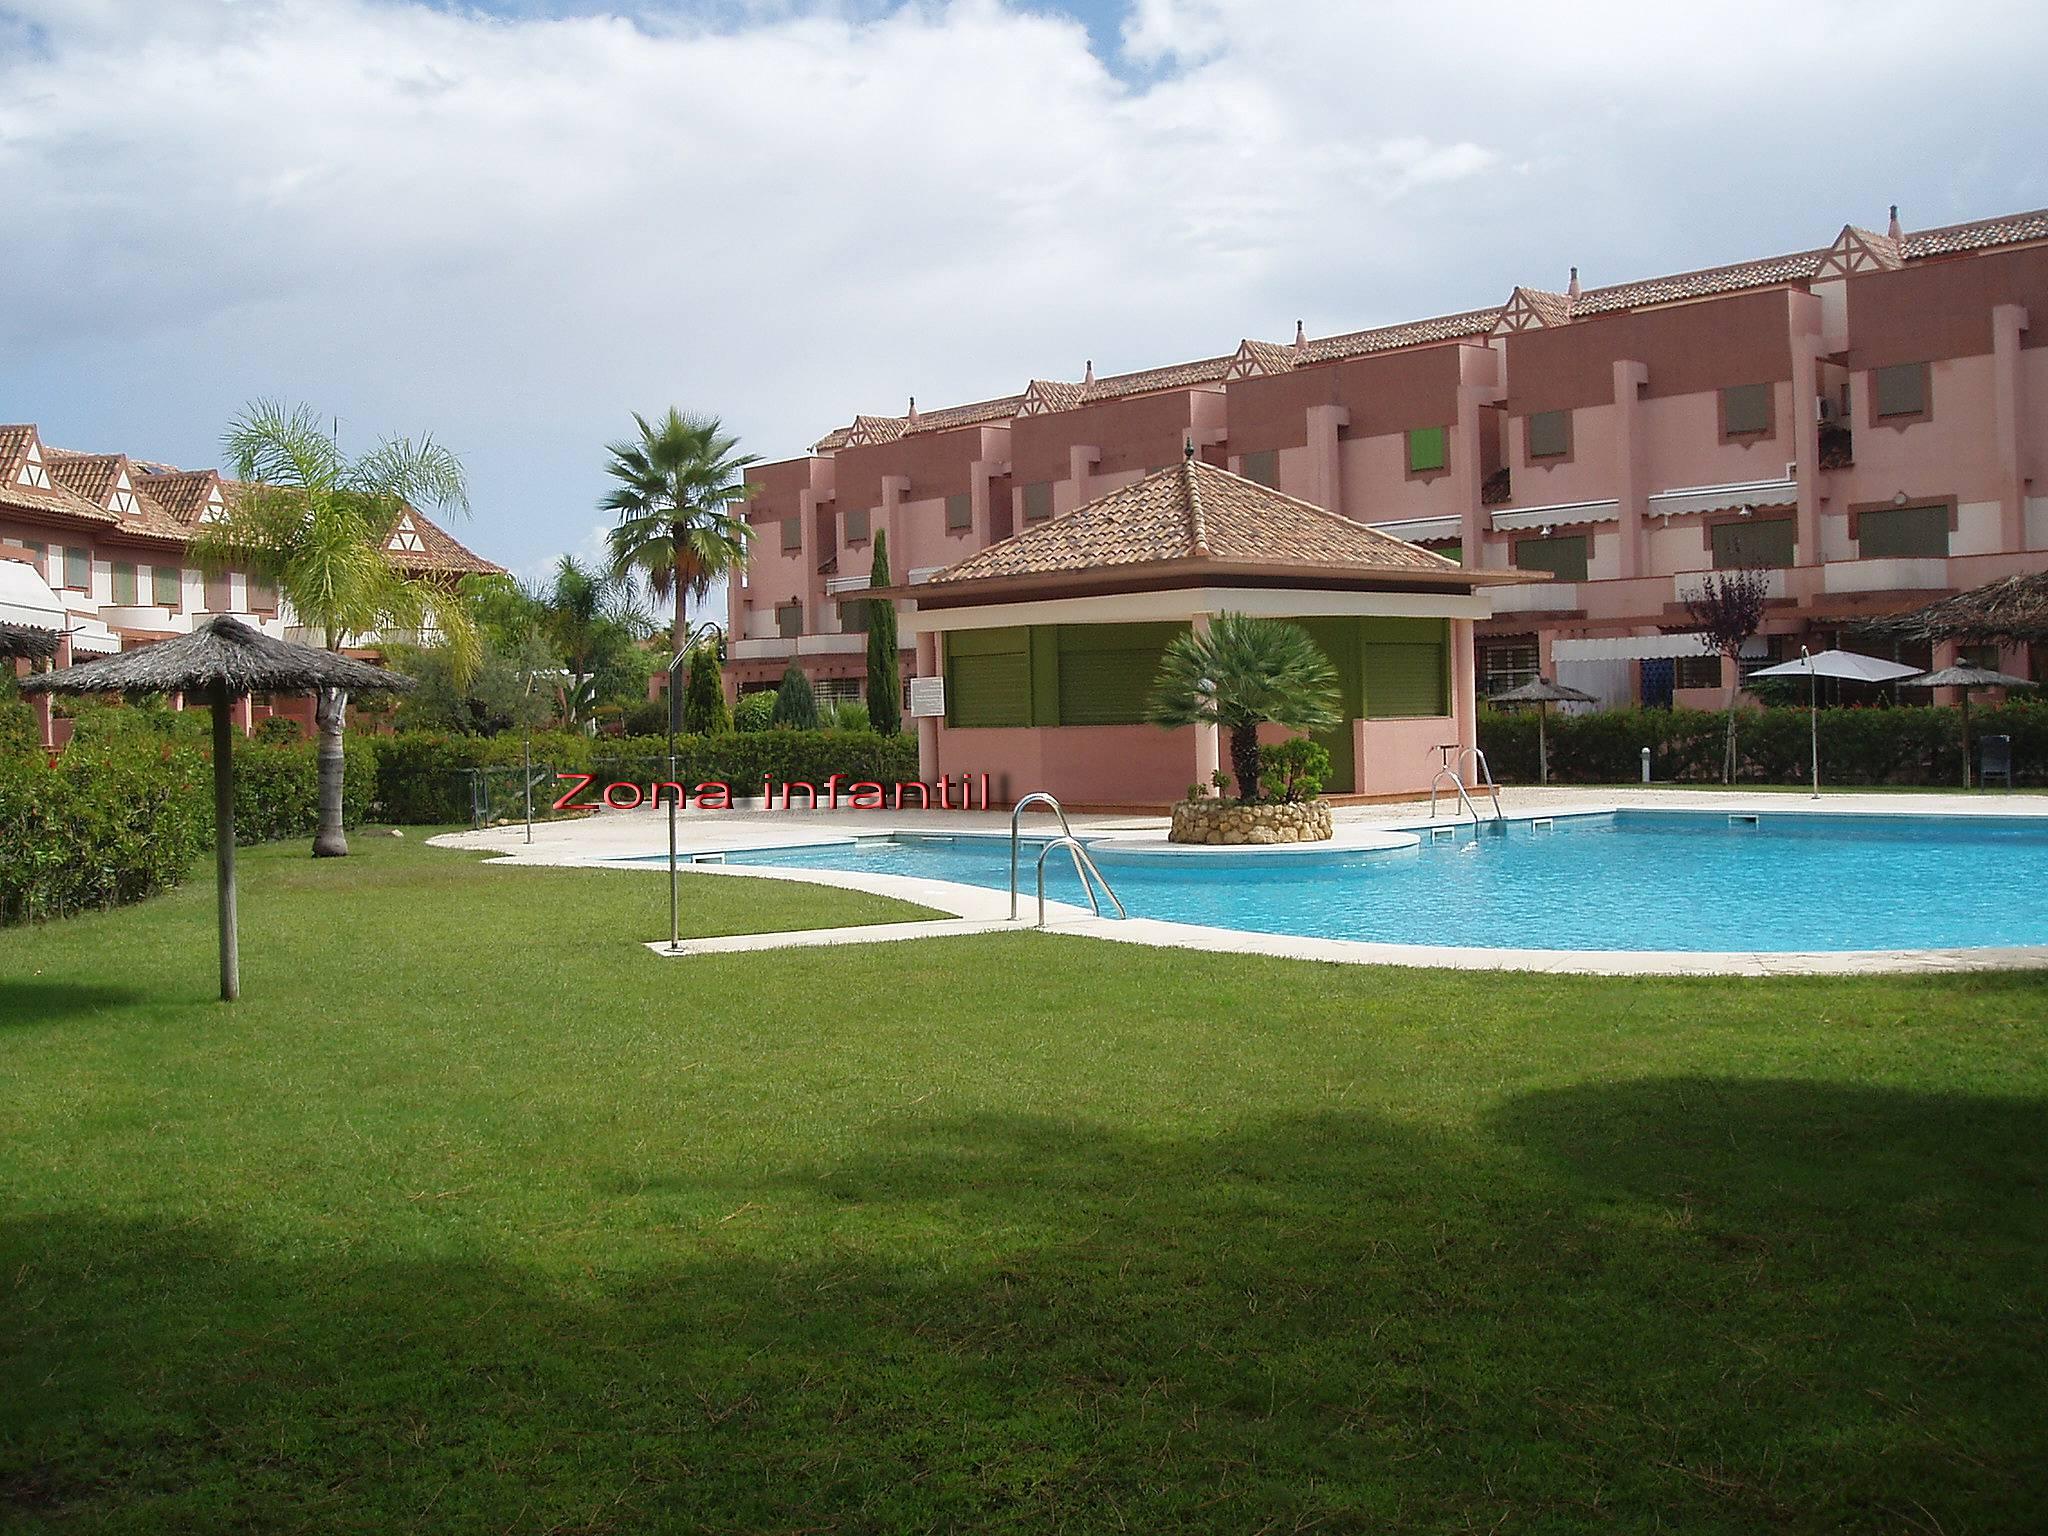 Appartamento in affitto a 900 m dal mare islantilla i - Rentalia islantilla ...